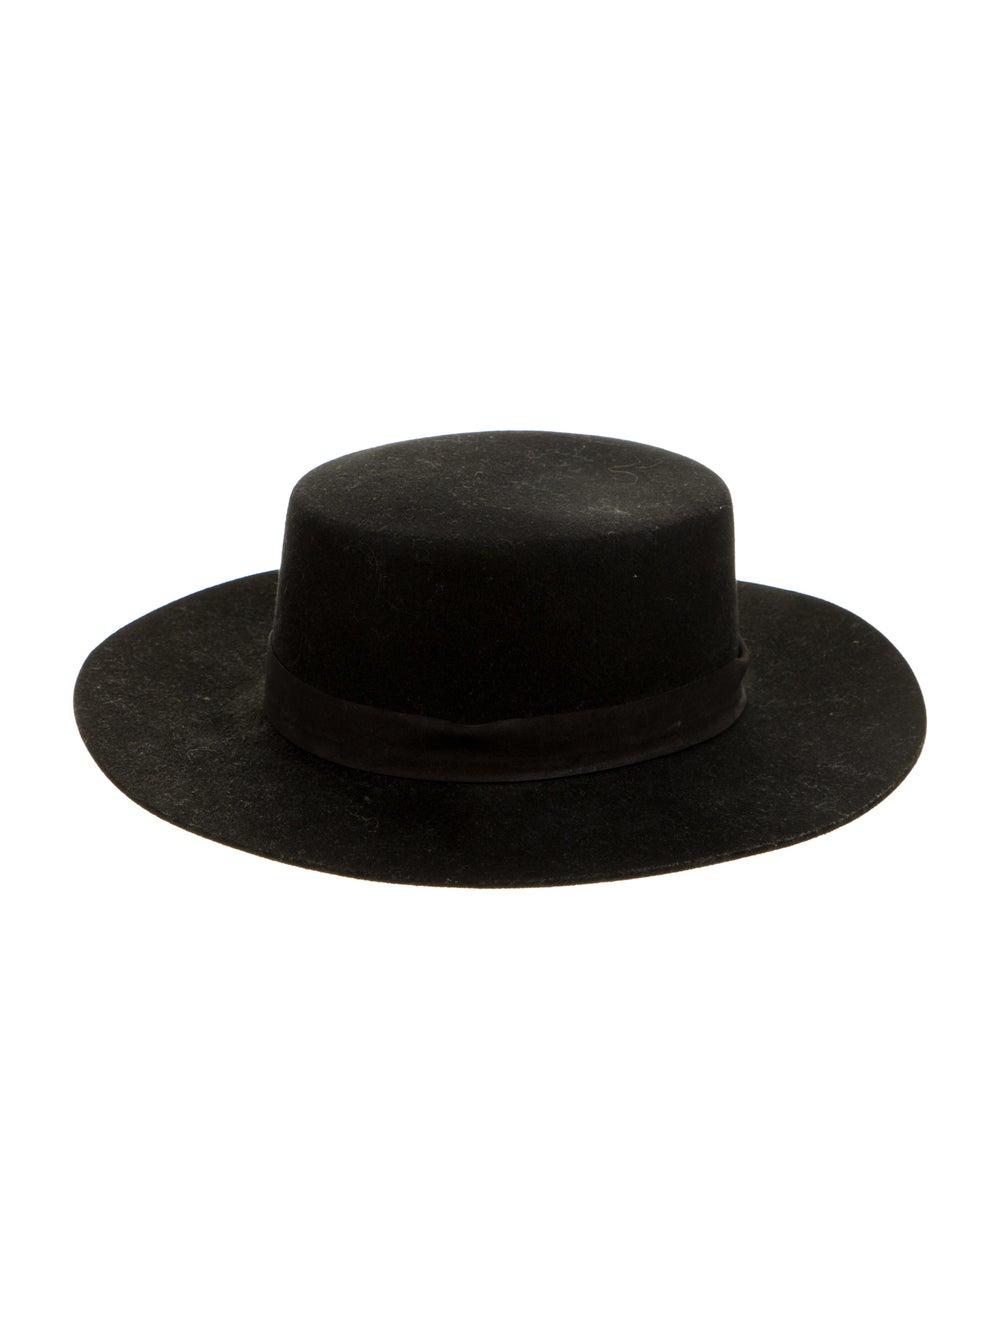 Janessa Leone Wool Wide-Brim Hat Black - image 1